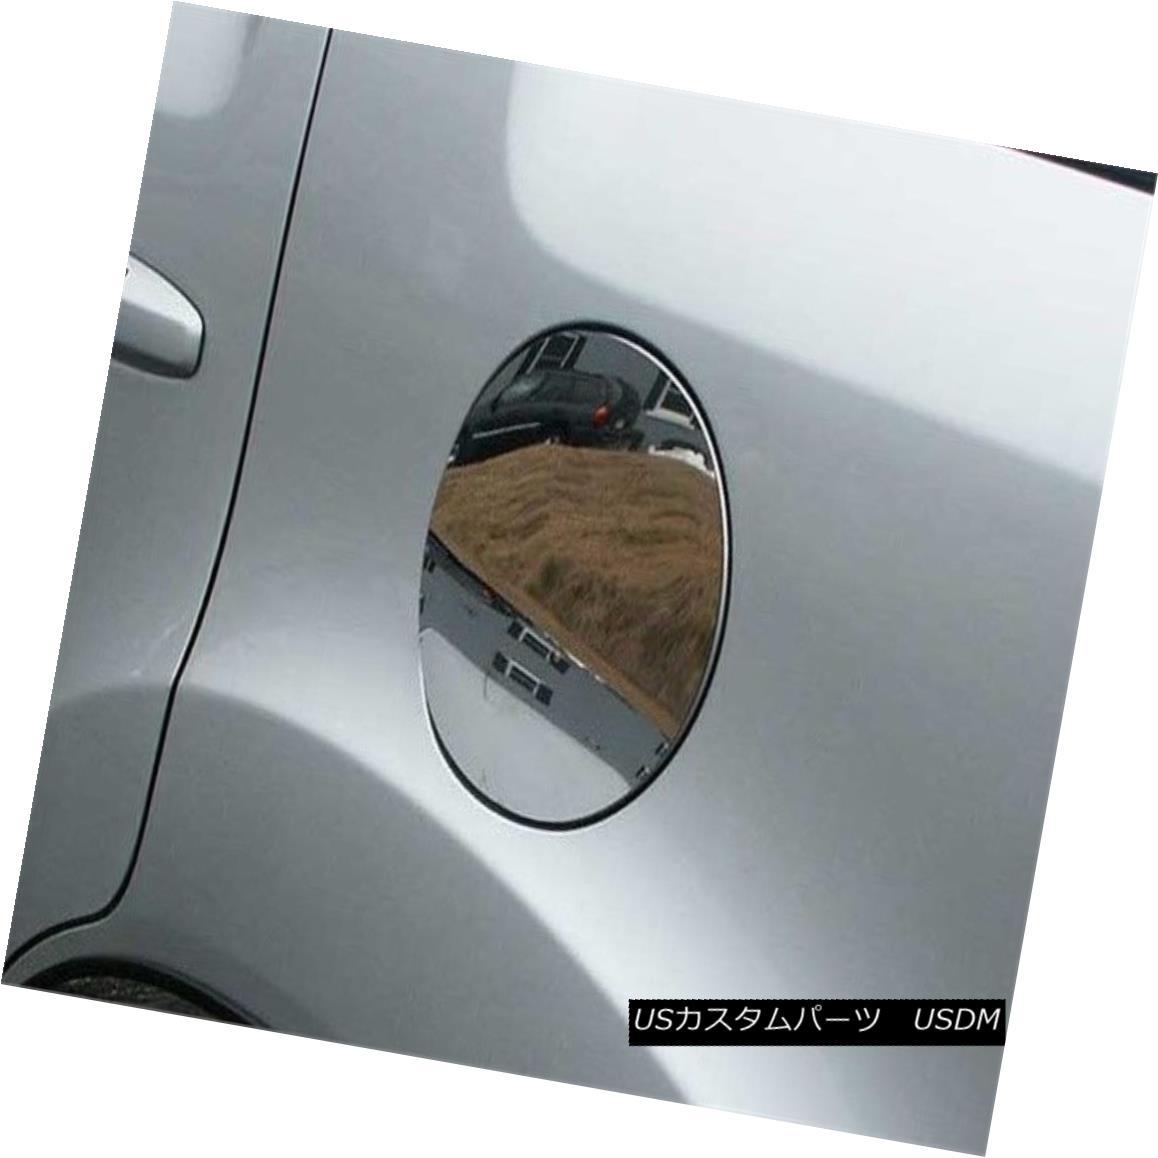 グリル Fits 2009-2015 HONDA PILOT 4-door, SUV -Stainless Steel GAS CAP DOOR 2009-2015 HONDA PILOT 4ドアSUV - ステンレススチールガスCAP DOOR